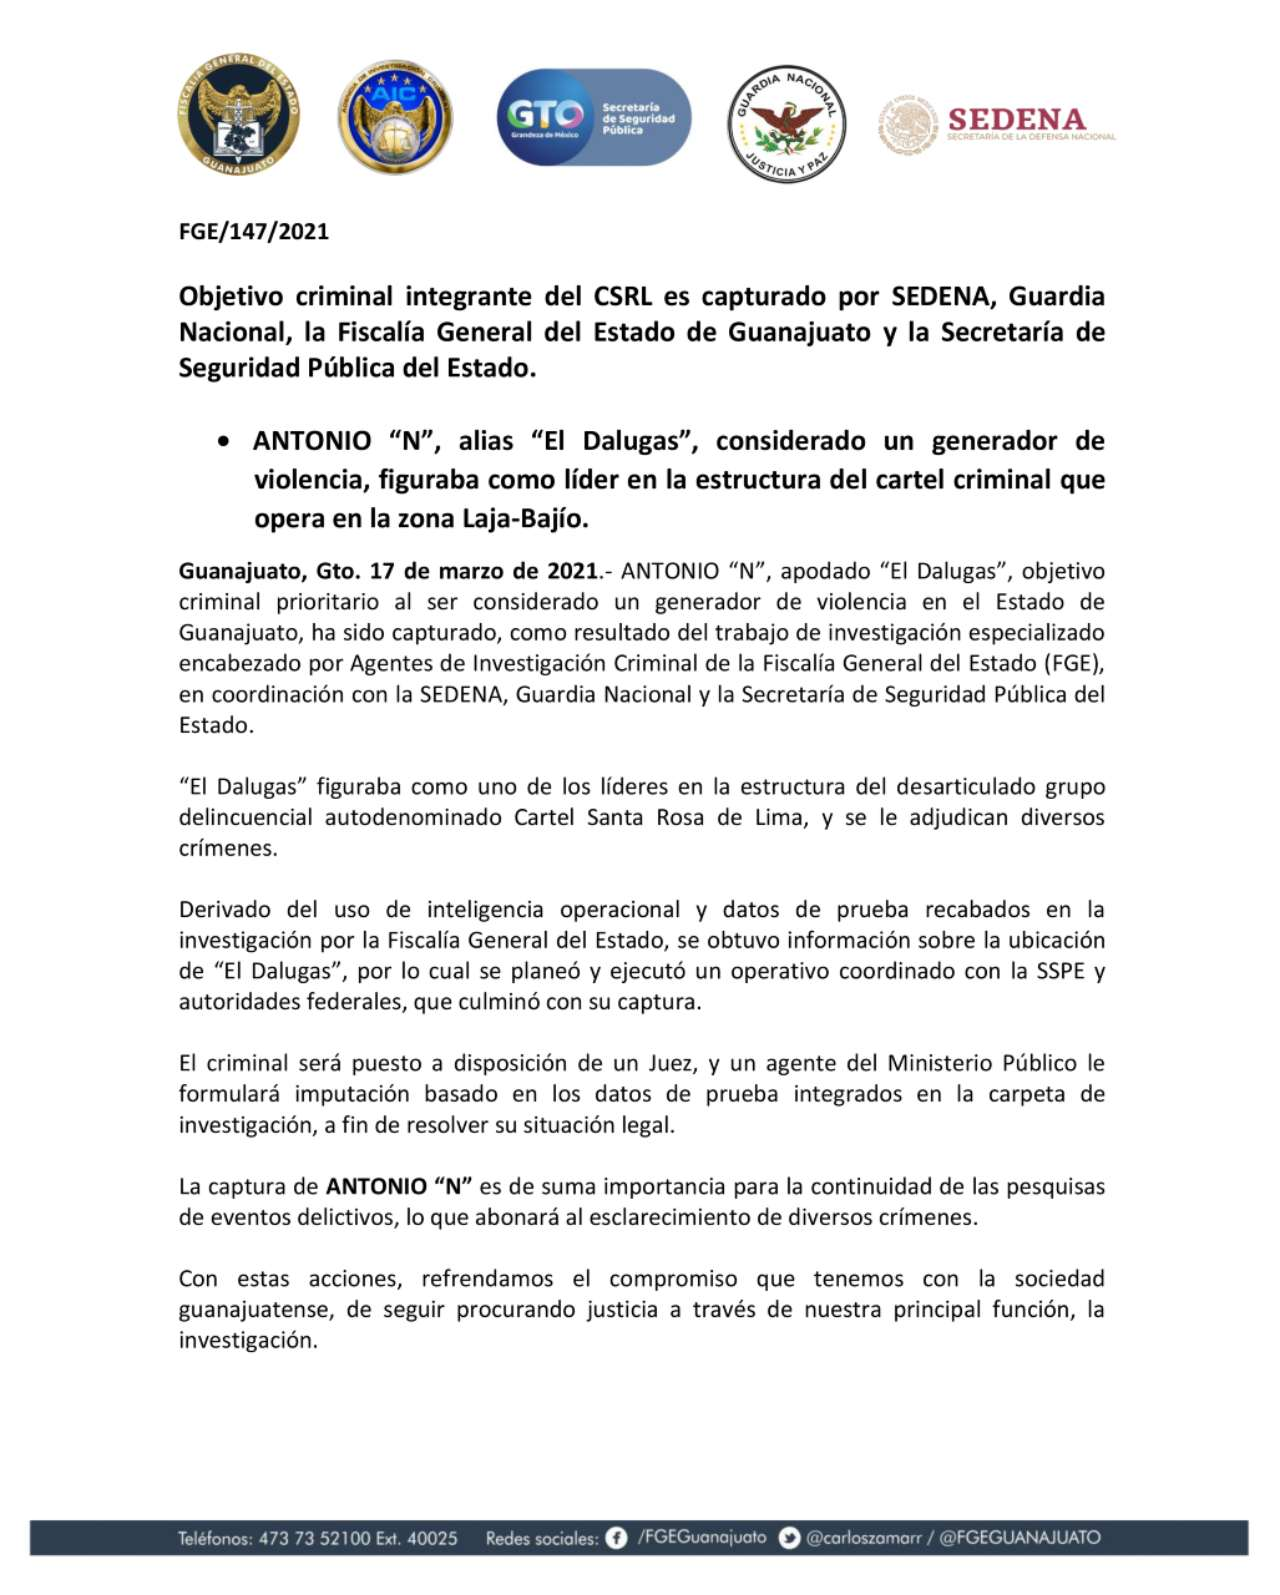 Detención El Dalugas líder Cártel Santa Rosa de Lima